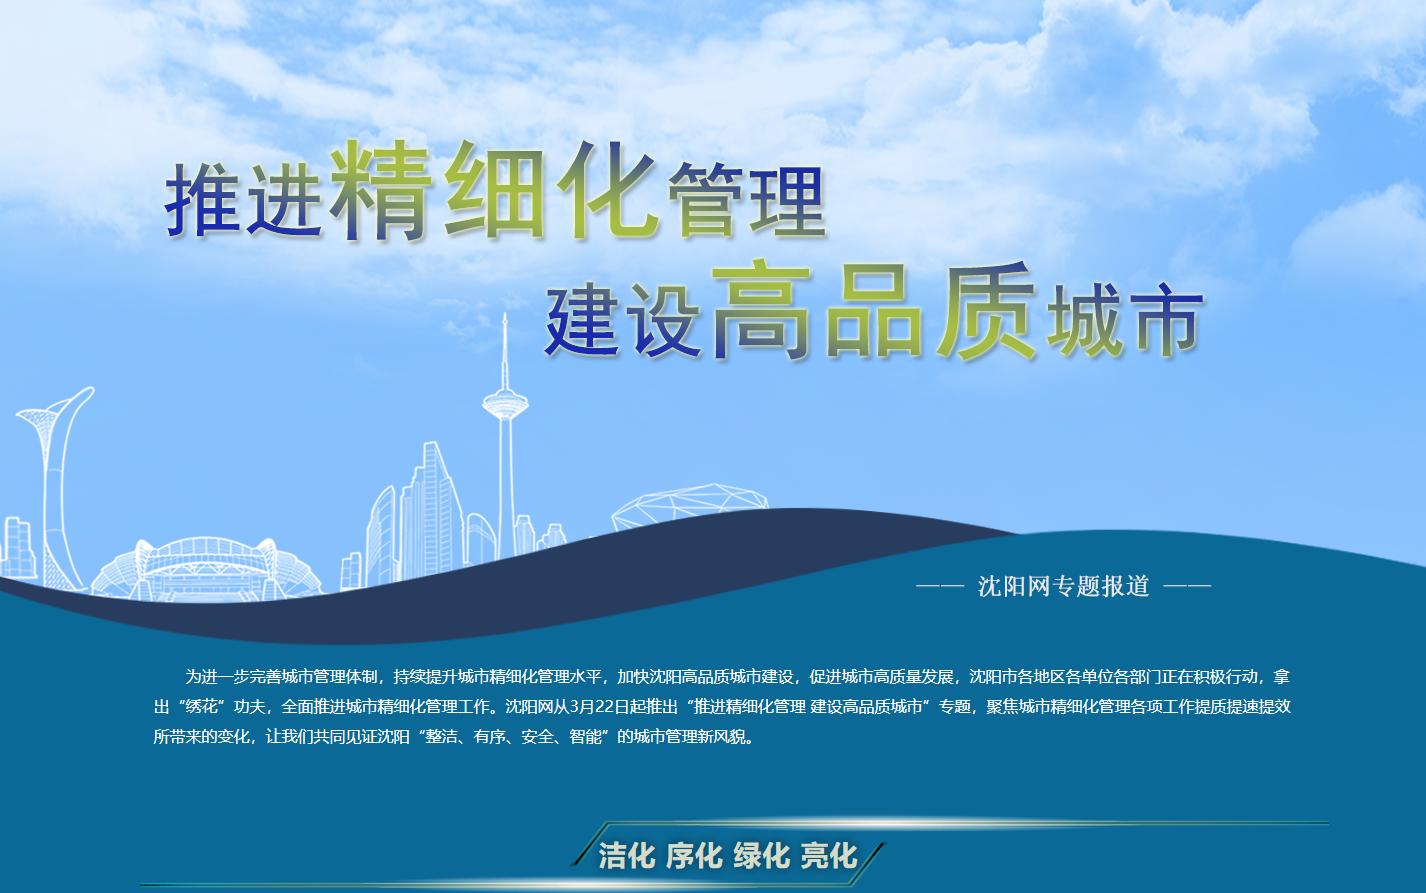 推进精细化管理 建设高品质城市【专题】